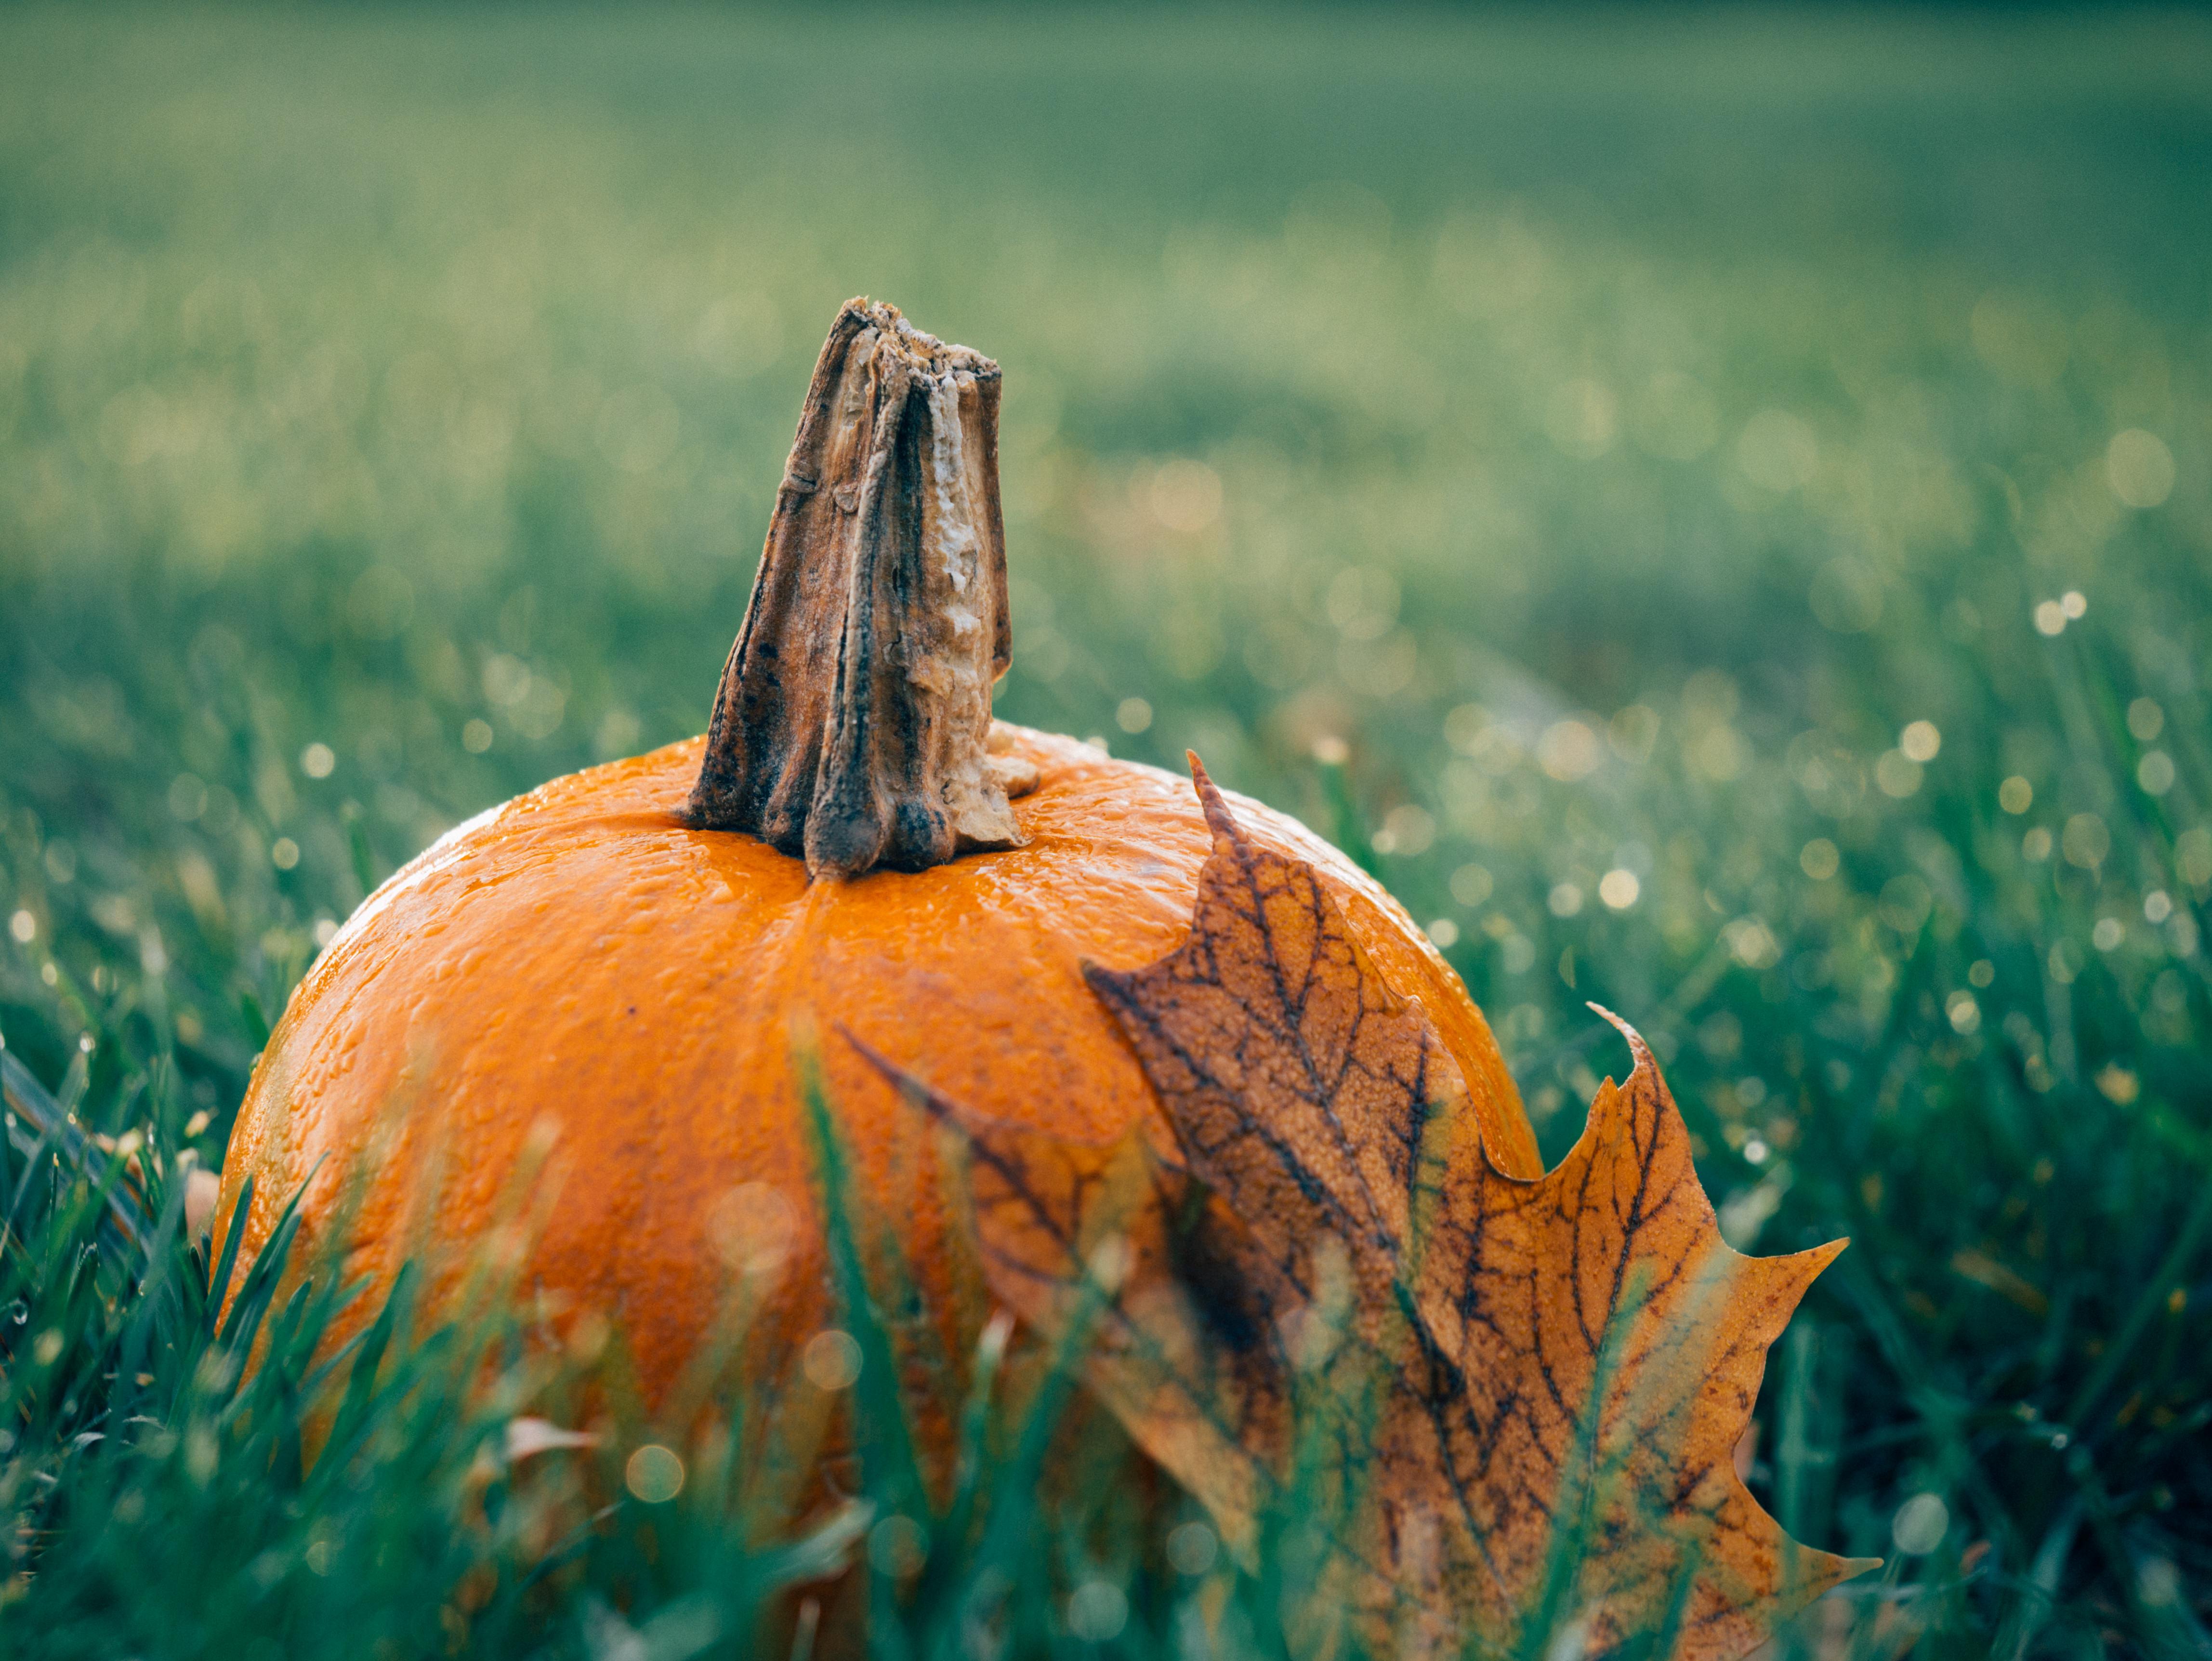 prep garden for spring enter pumpkin decorating contest sep